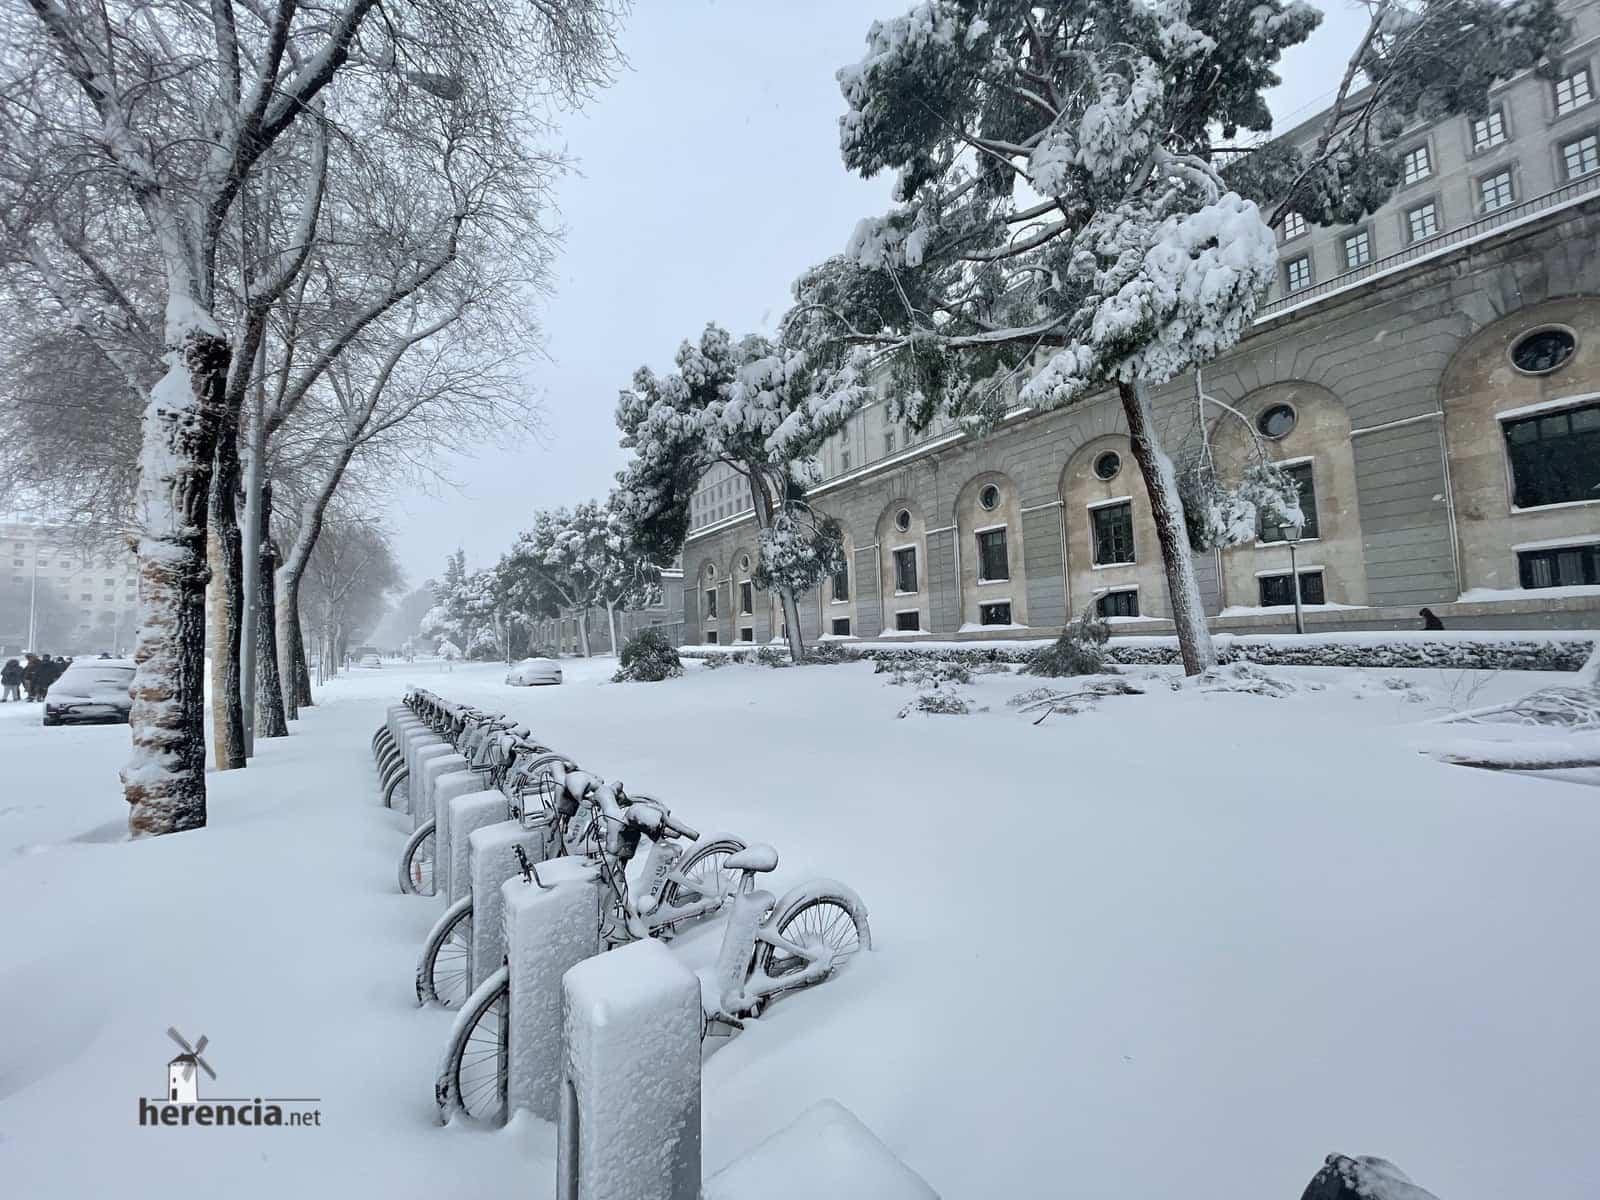 Más fotografías de las nieves de 2021 en Herencia 178